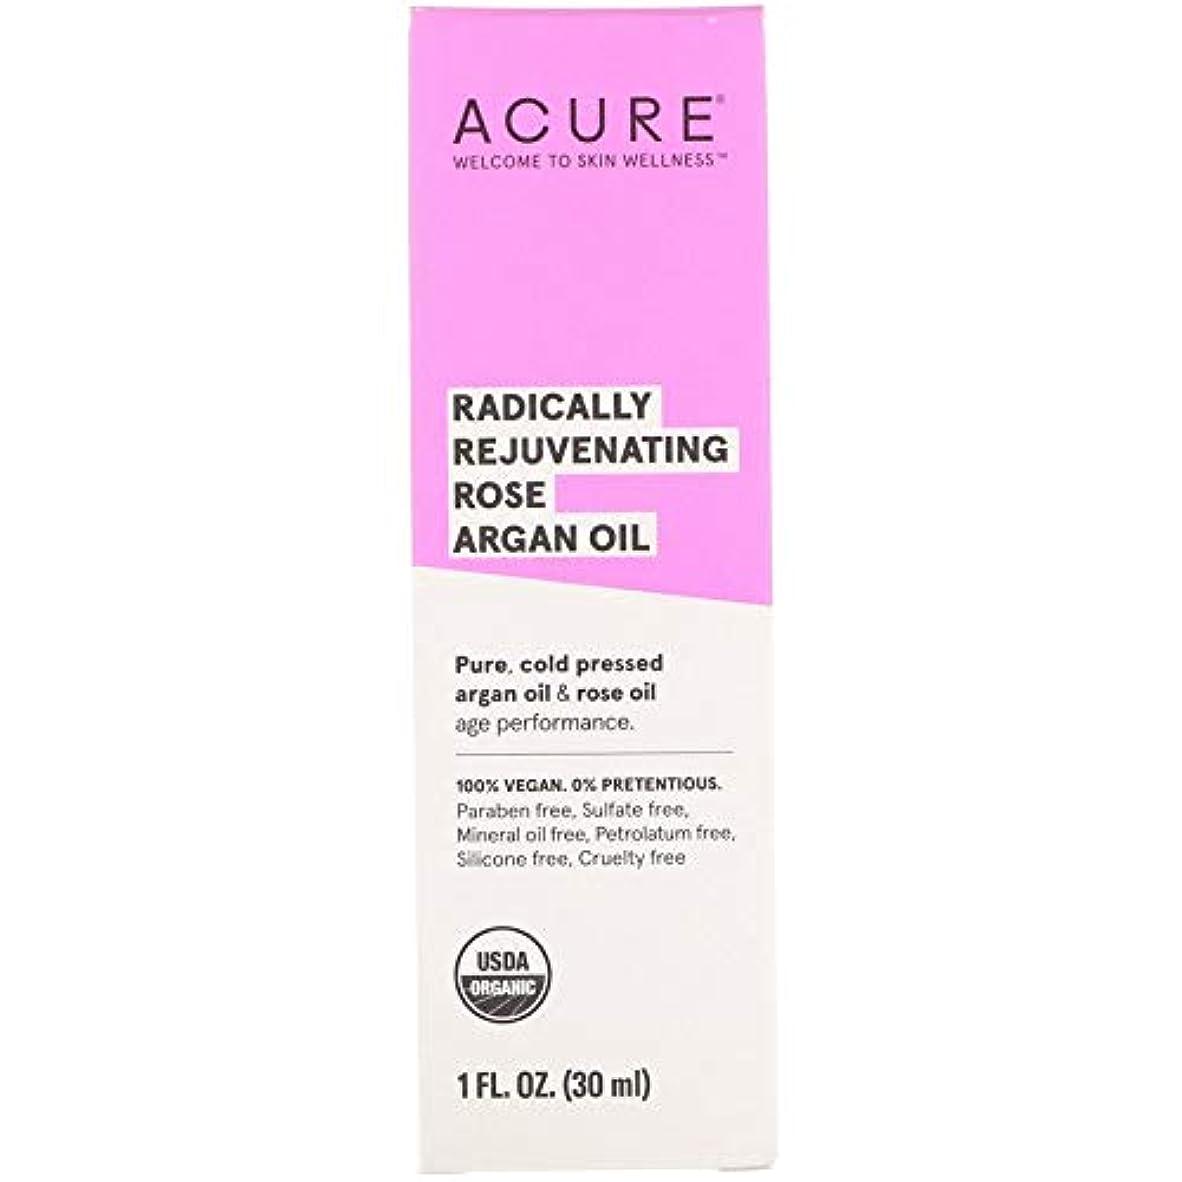 居心地の良い草干し草ACURE - ローズアルガンオイル - 3 X 30 ml[並行輸入品]JSE